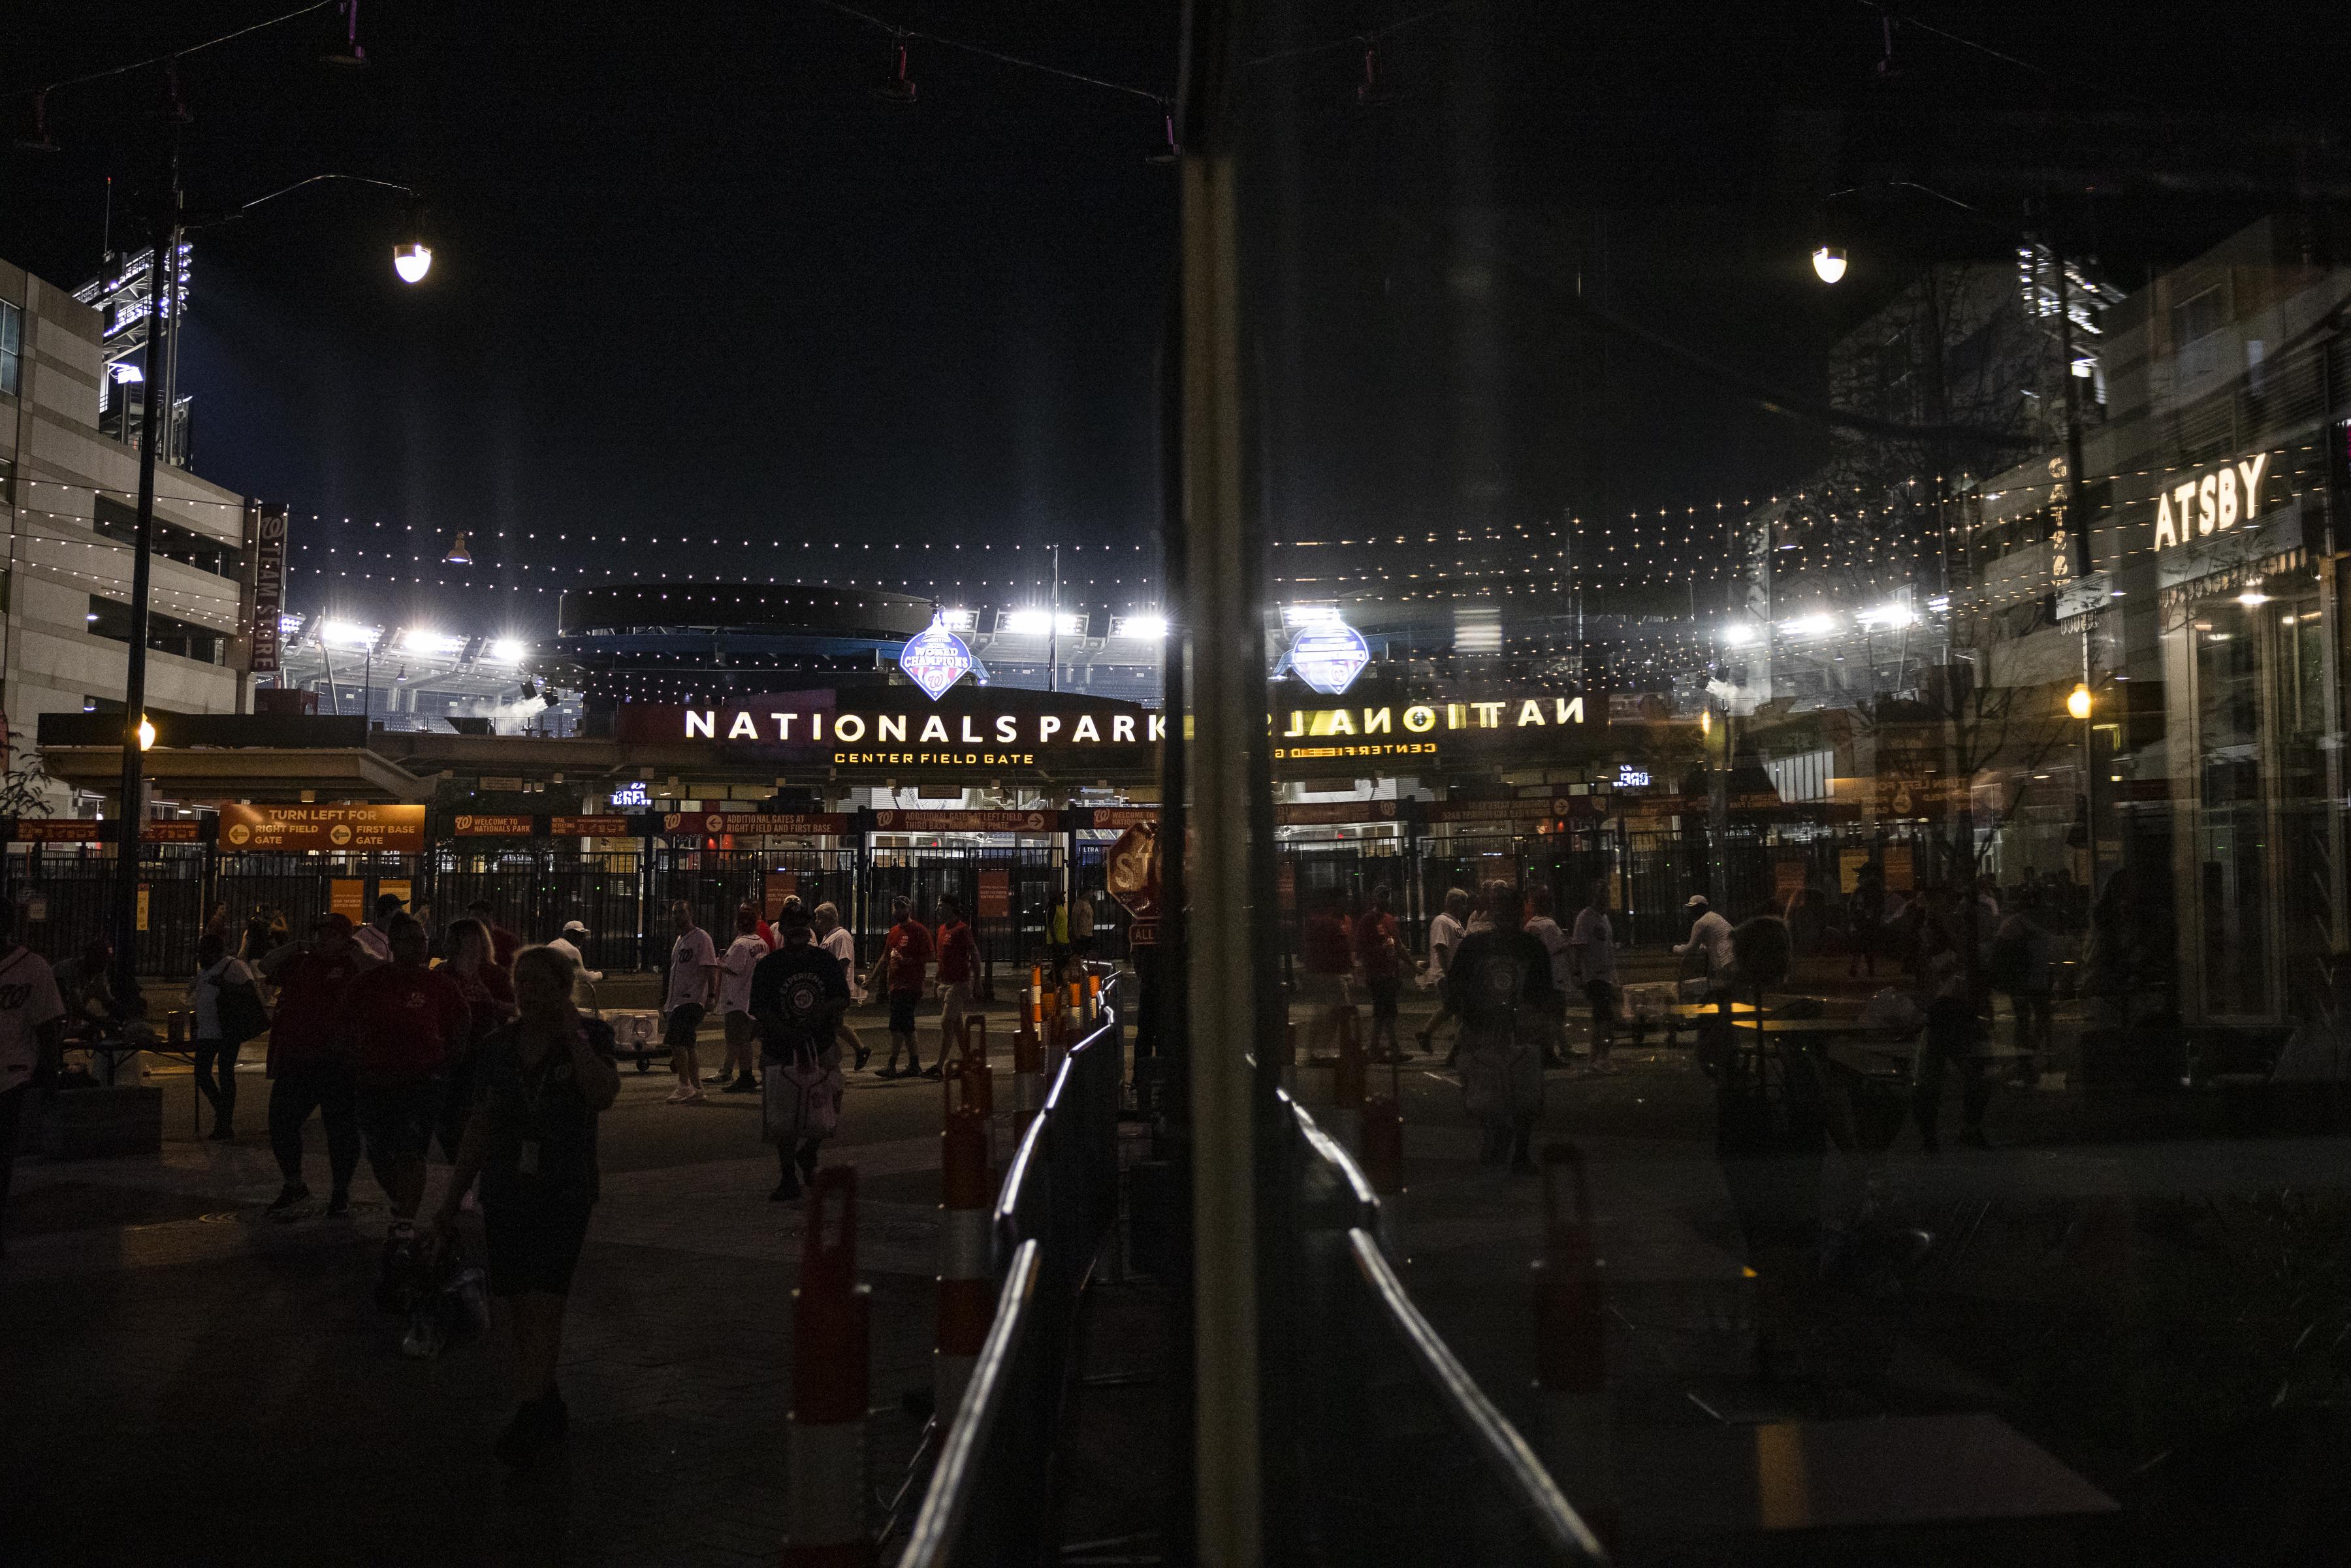 Los fanáticos abandonan el Nationals Park después de un tiroteo afuera de la Puerta de la Tercera Base durante el juego el 17 de julio de 2021 en Washington, DC.